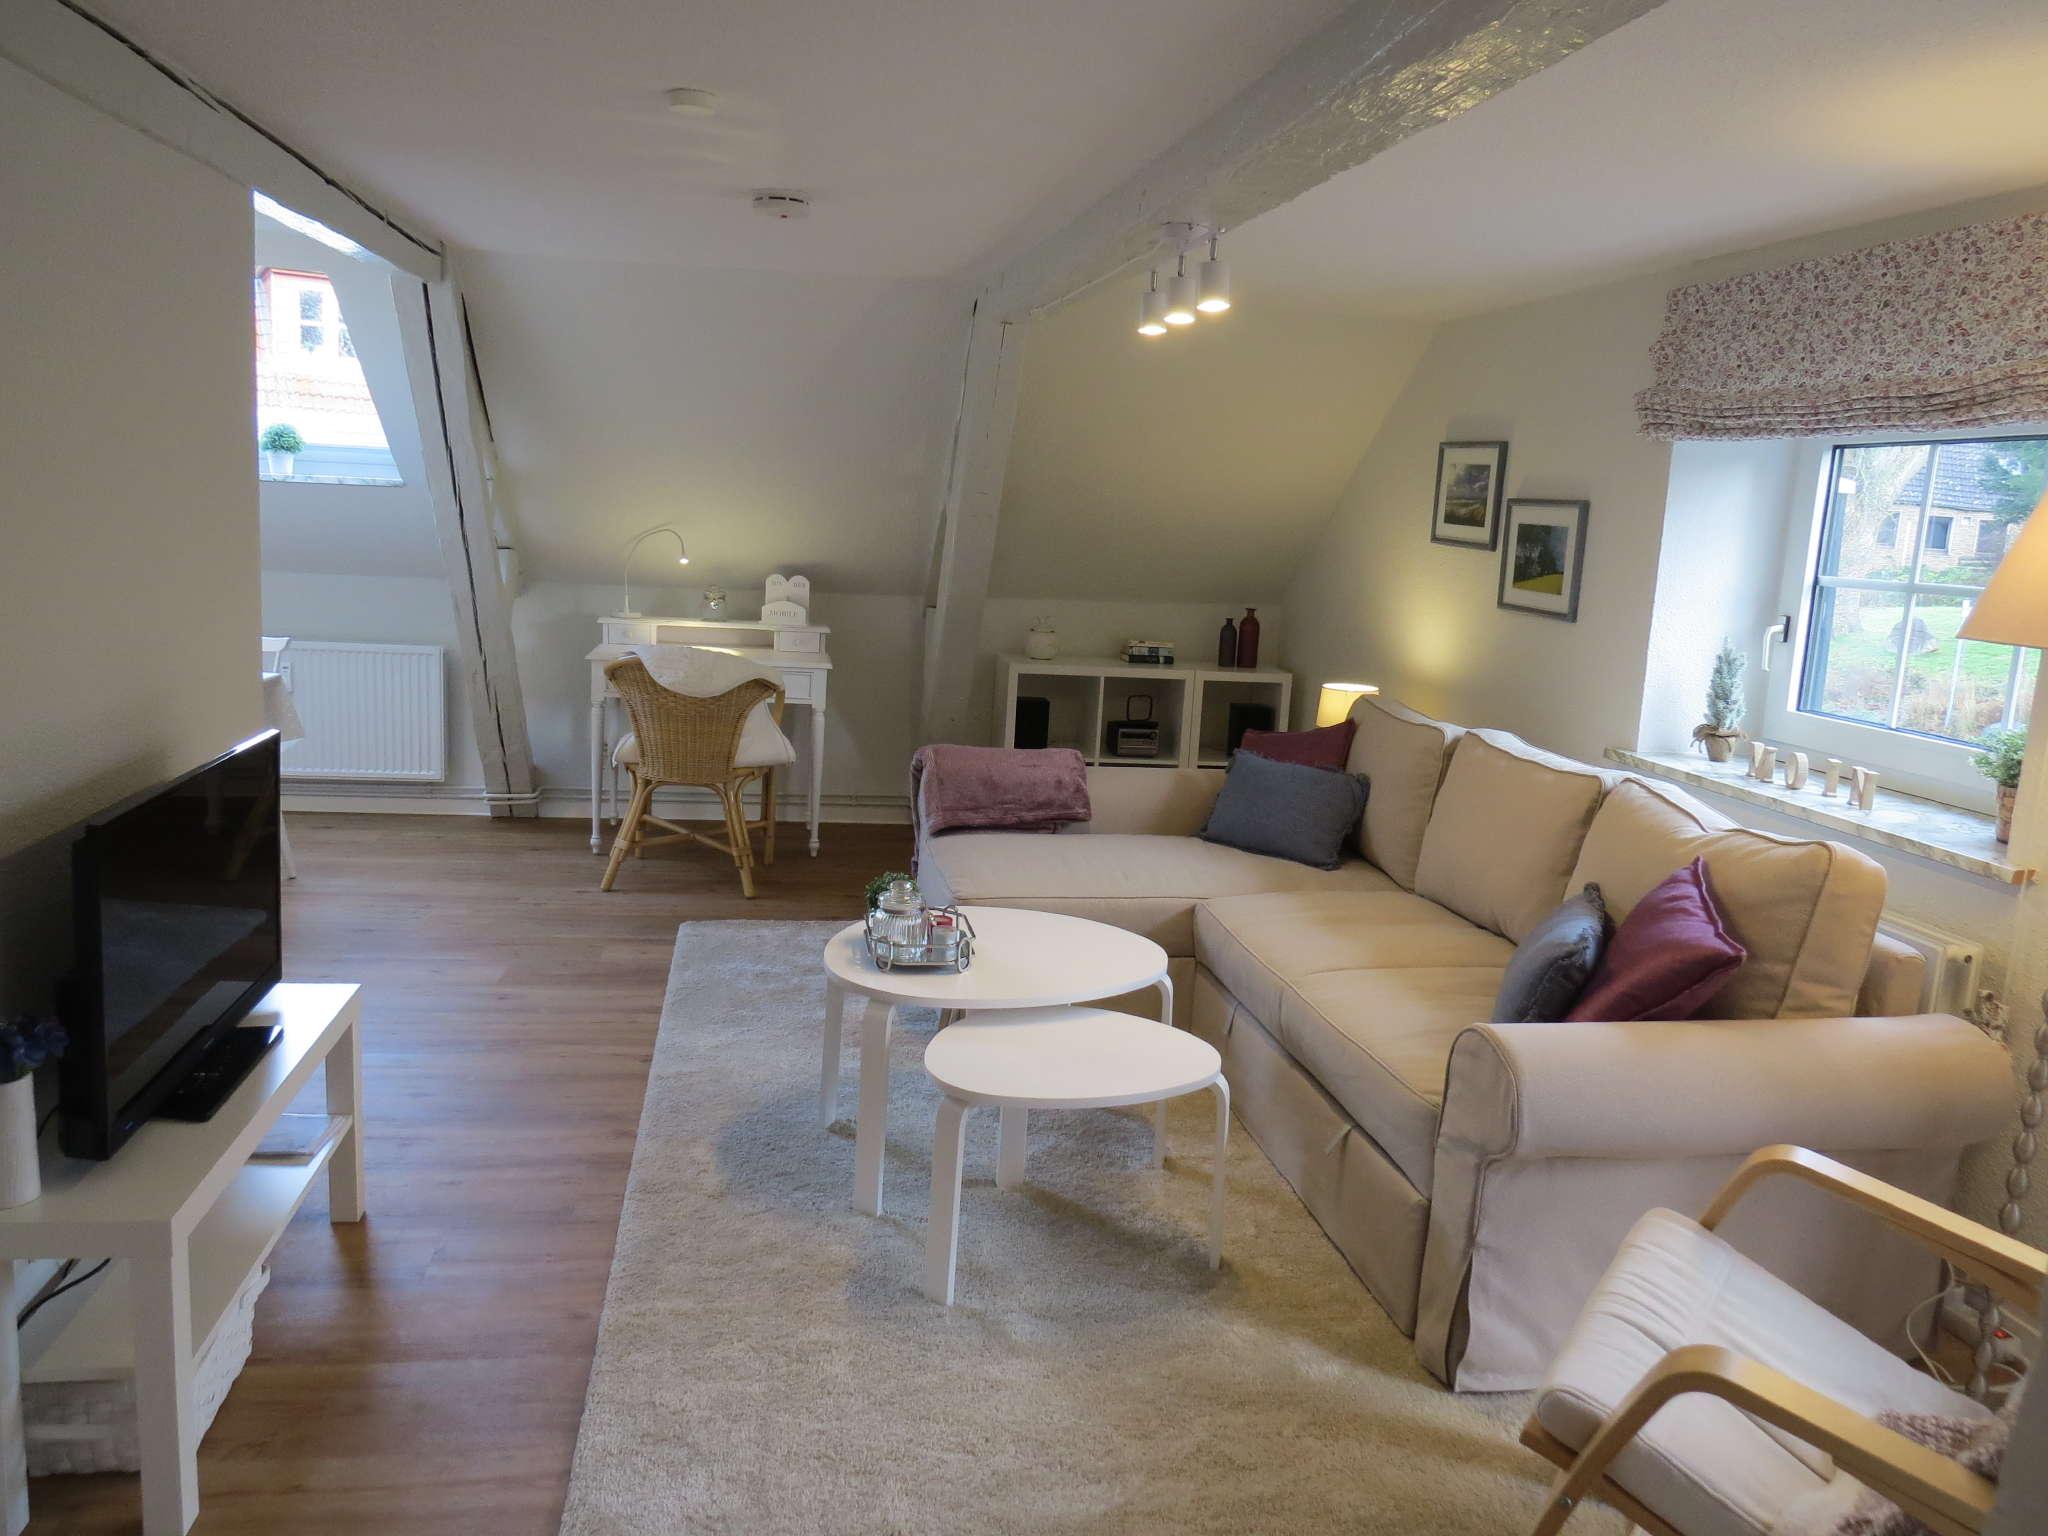 Wohnzimmer mit TV und Sitzecke